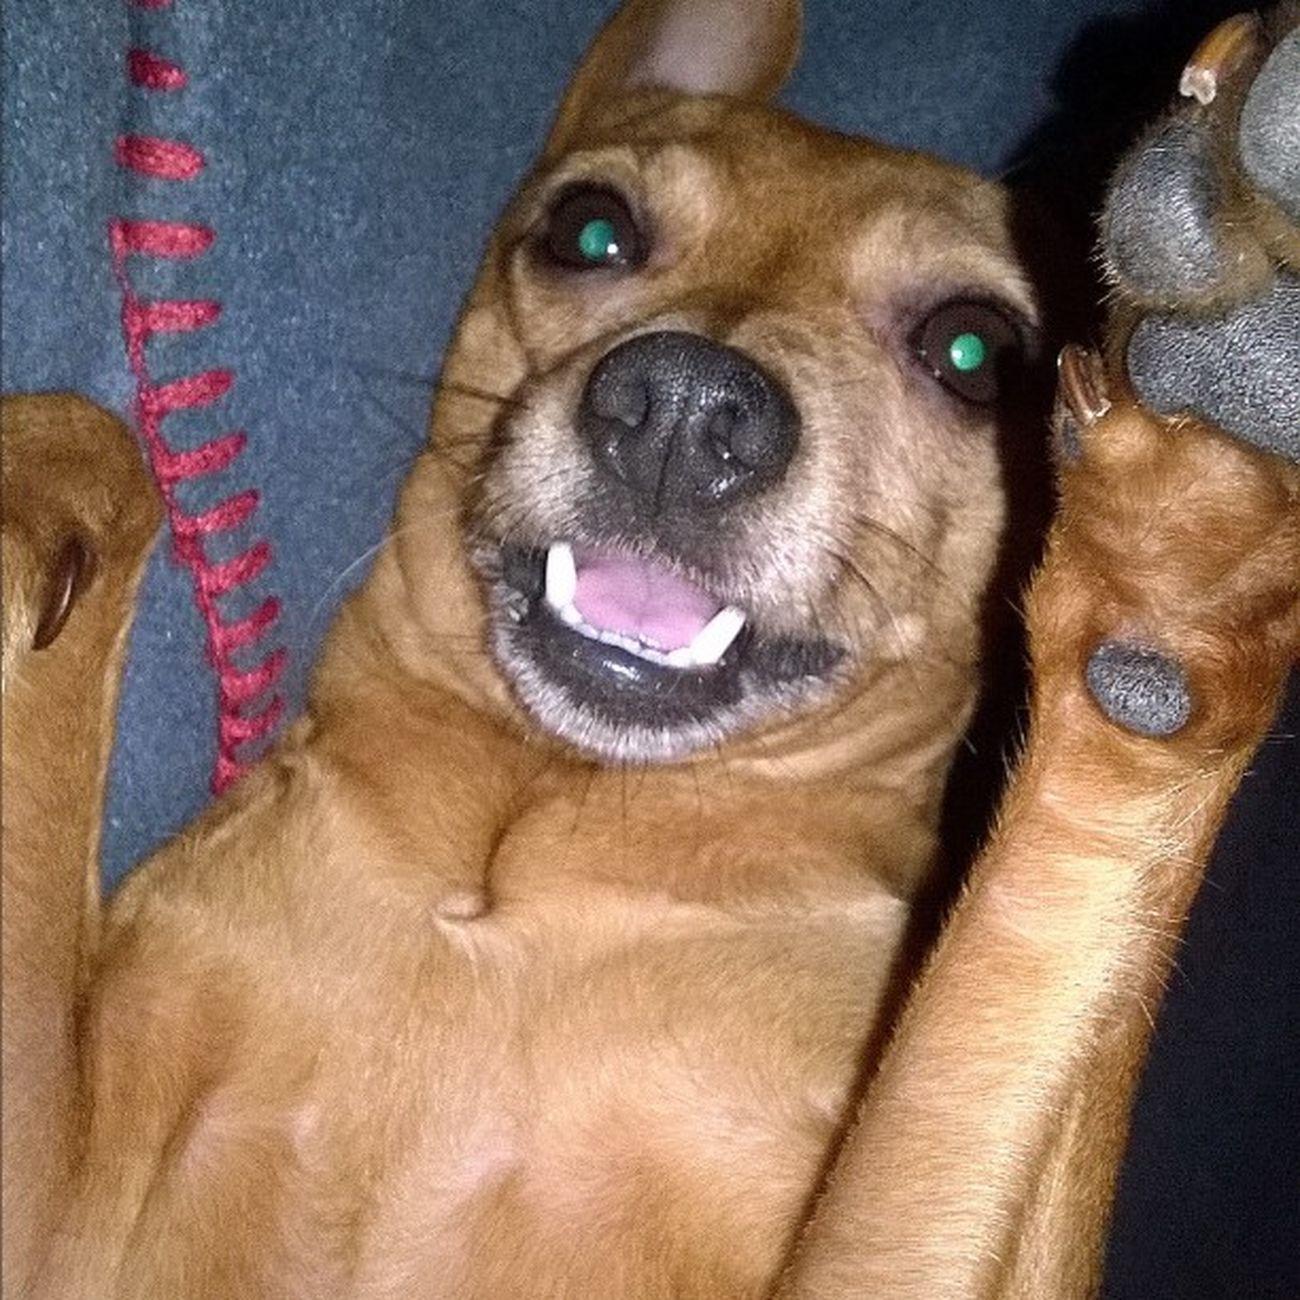 LilliPincher Picofday Monella Dog Cane Mydog Thebest 💕💕